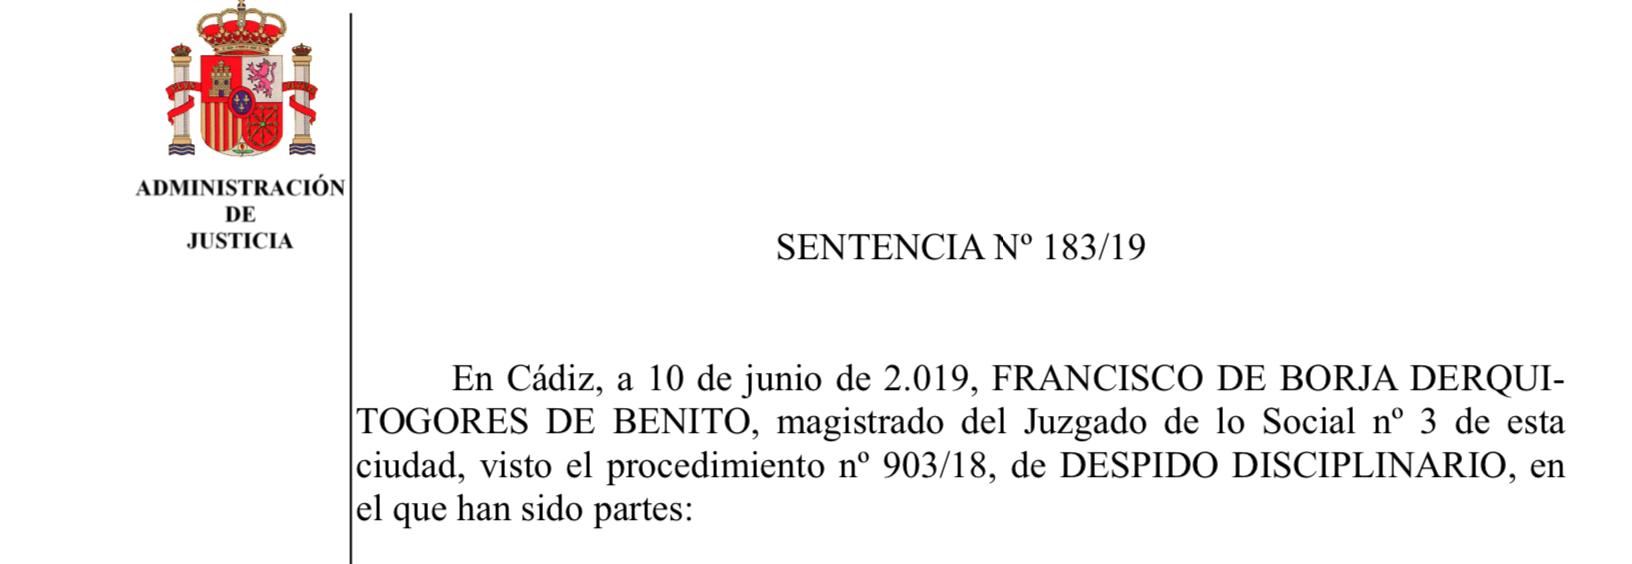 Sentencia contra obispado de Cádiz